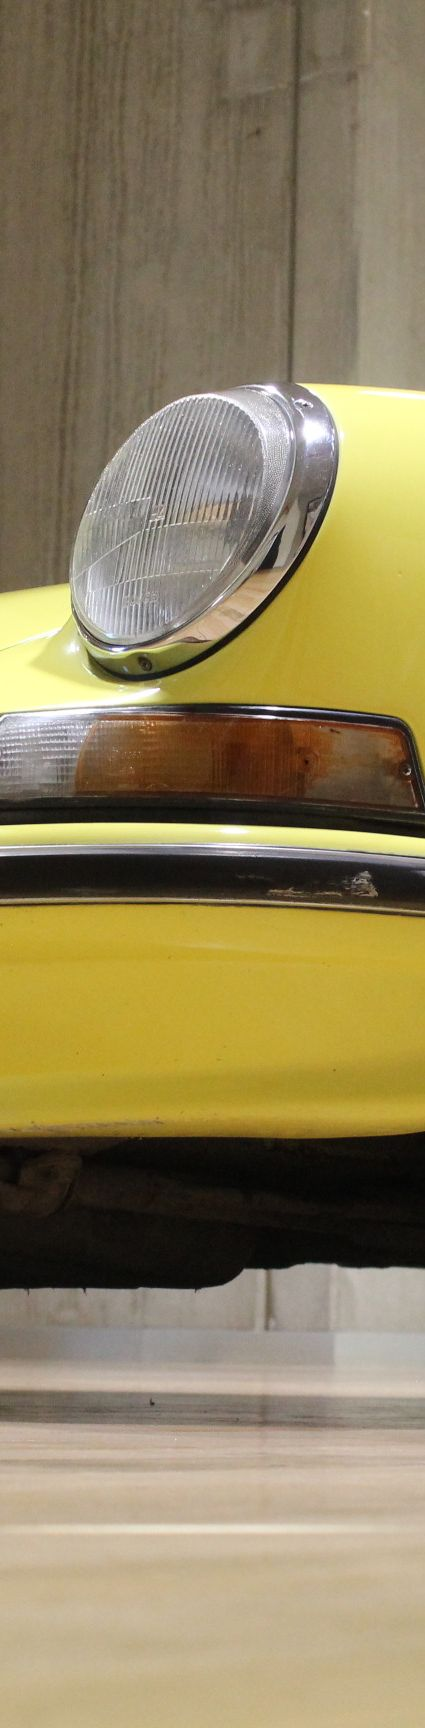 1973 Porsche 911 - for sale in a Australia